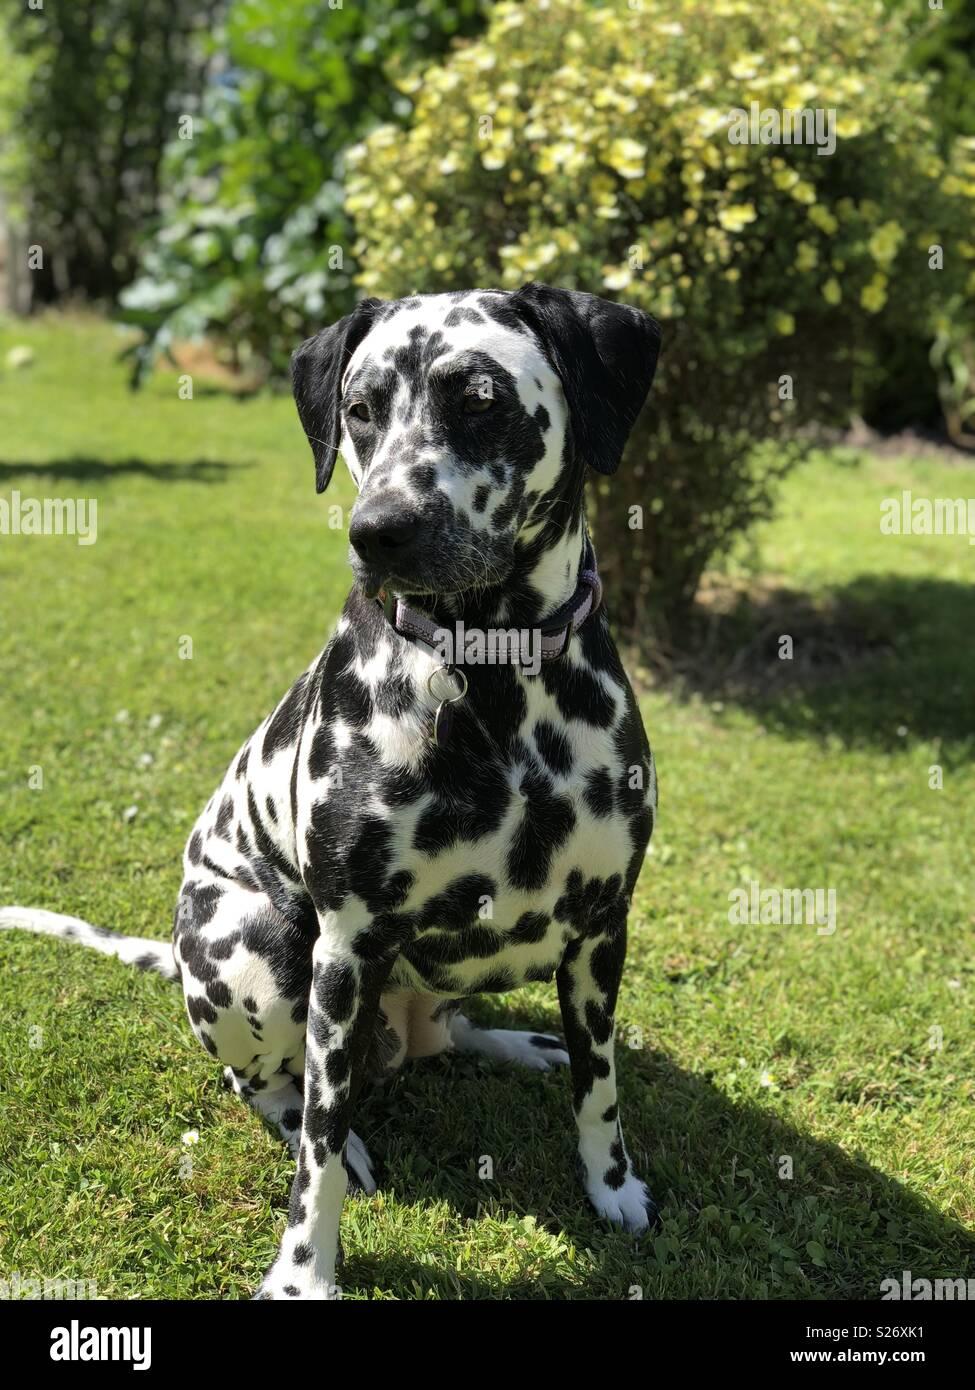 Dalmatian in garden - Stock Image